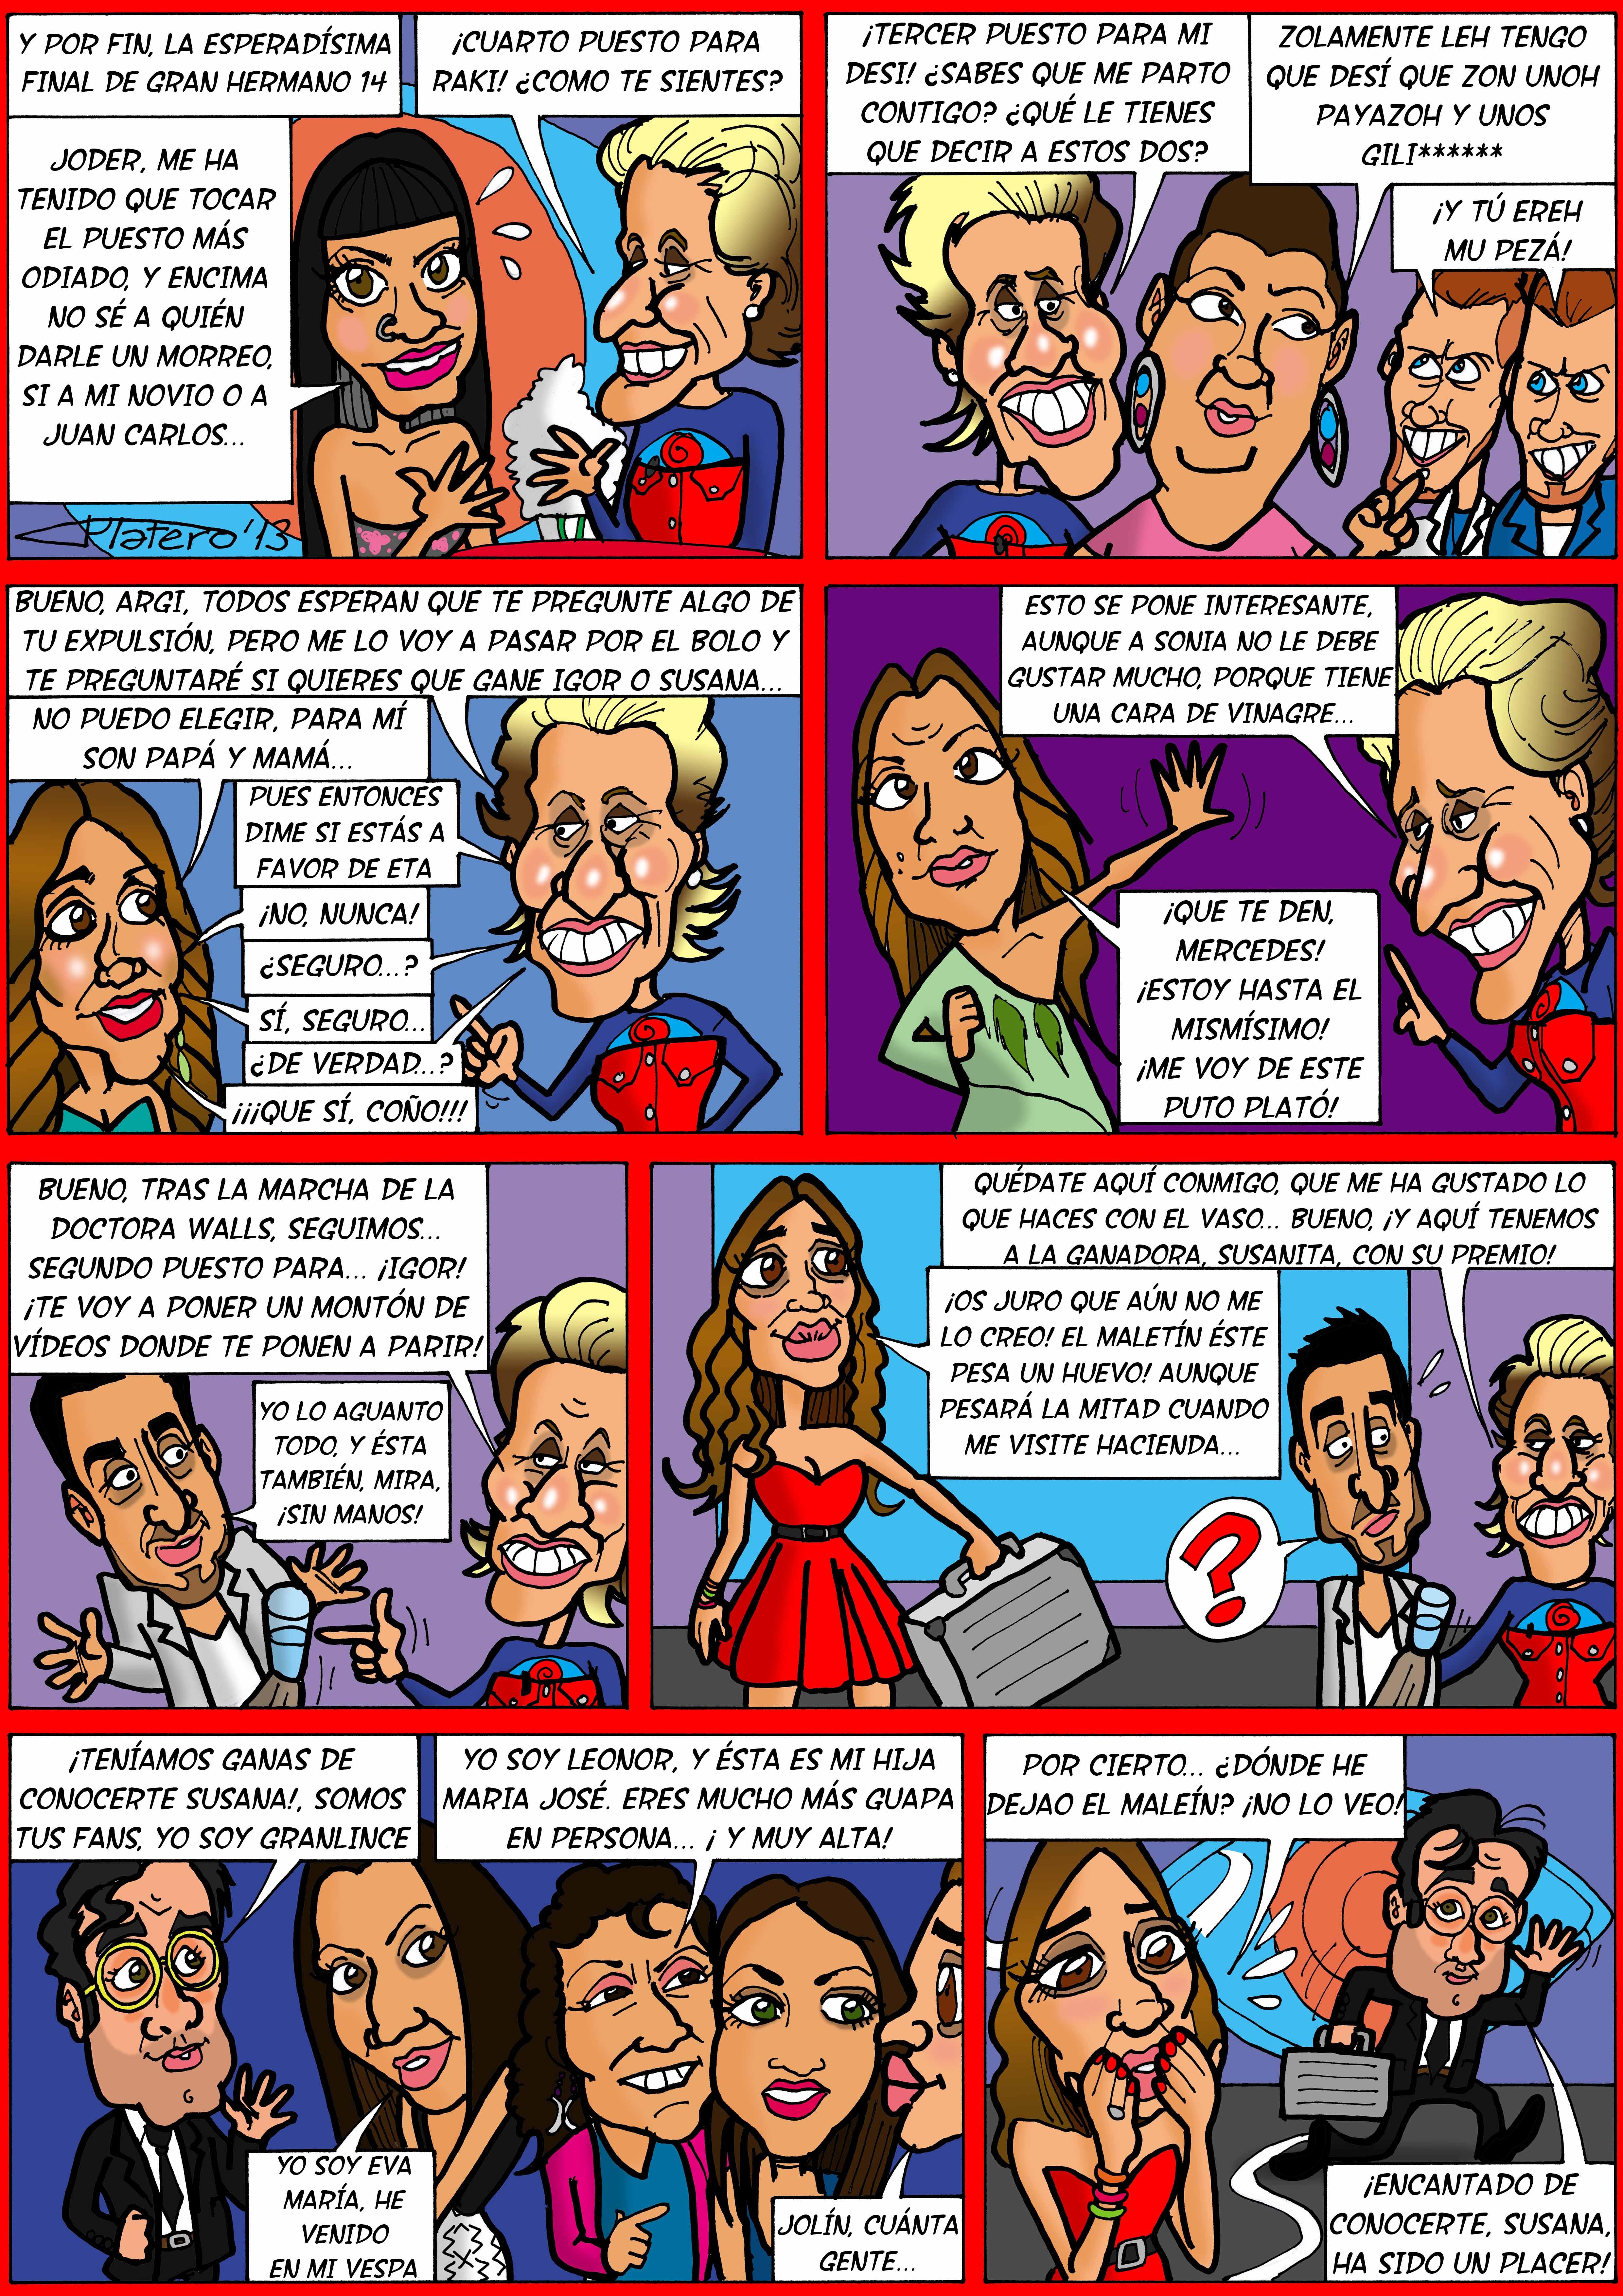 10_cómic10_susana ganadora_gran hermano14_elmundodeplatero_josé luis platero.jpg